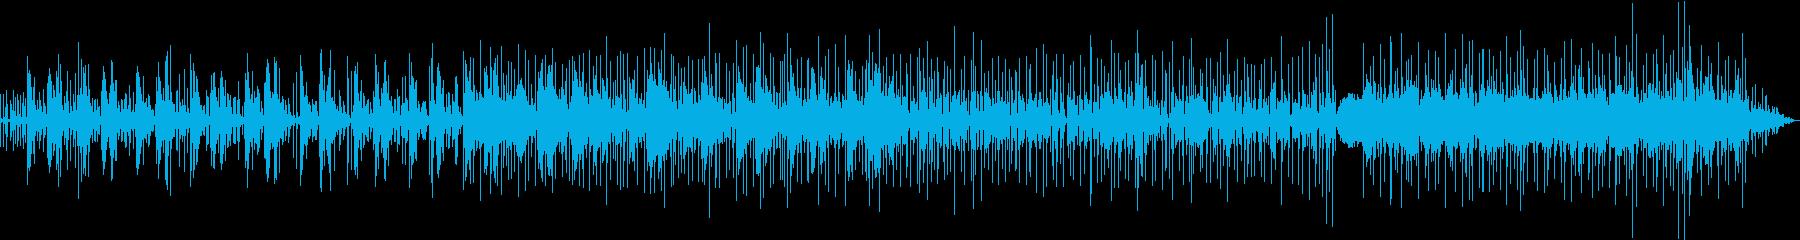 のんびりとしたボサノバ風BGMの再生済みの波形